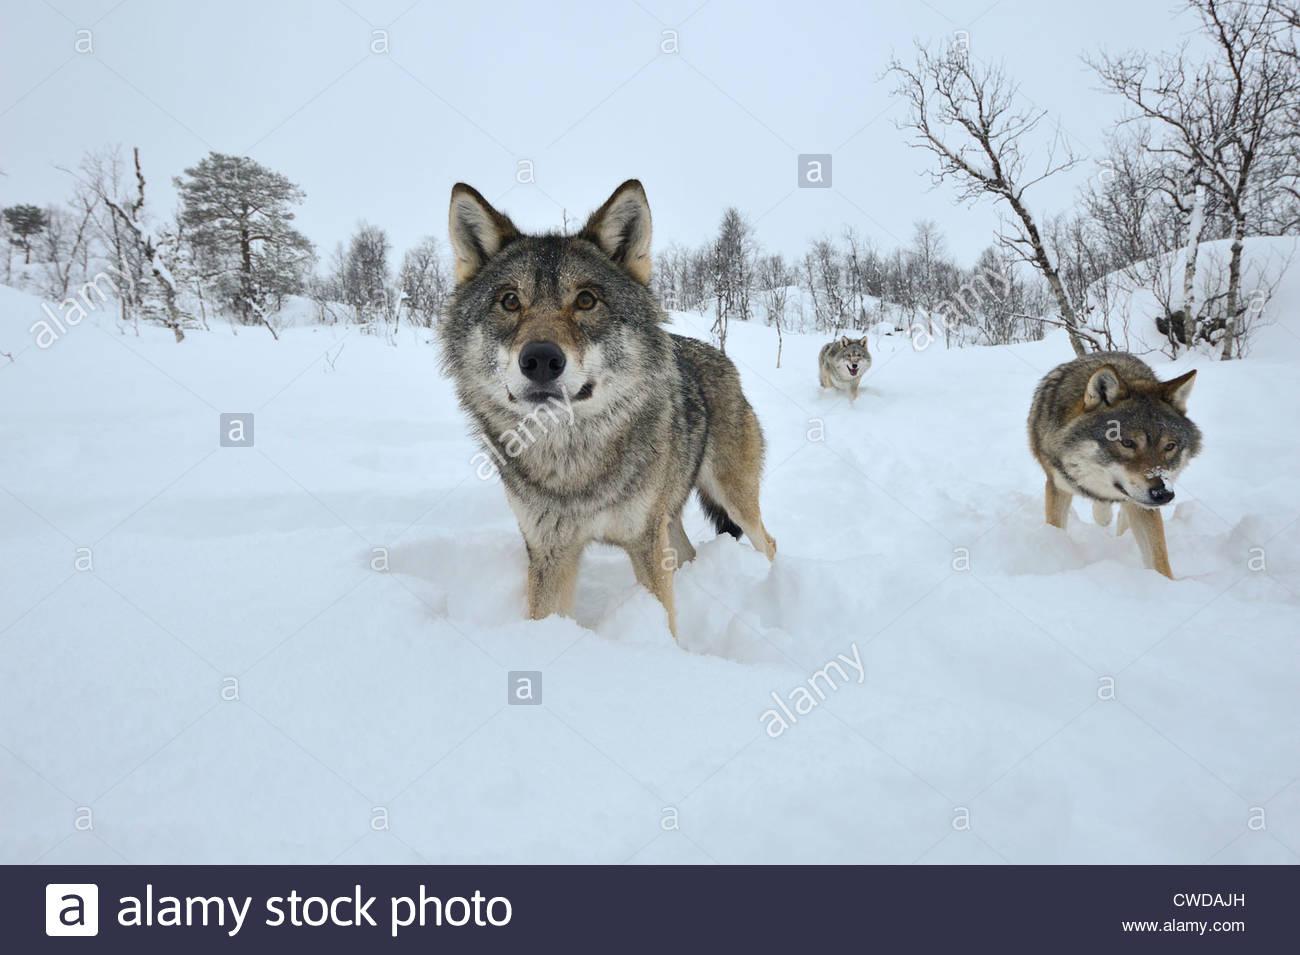 Drei Wölfe kommen in Polar Zoo, in der Nähe fotografiert mit einem Weitwinkel-Objektiv Stockbild